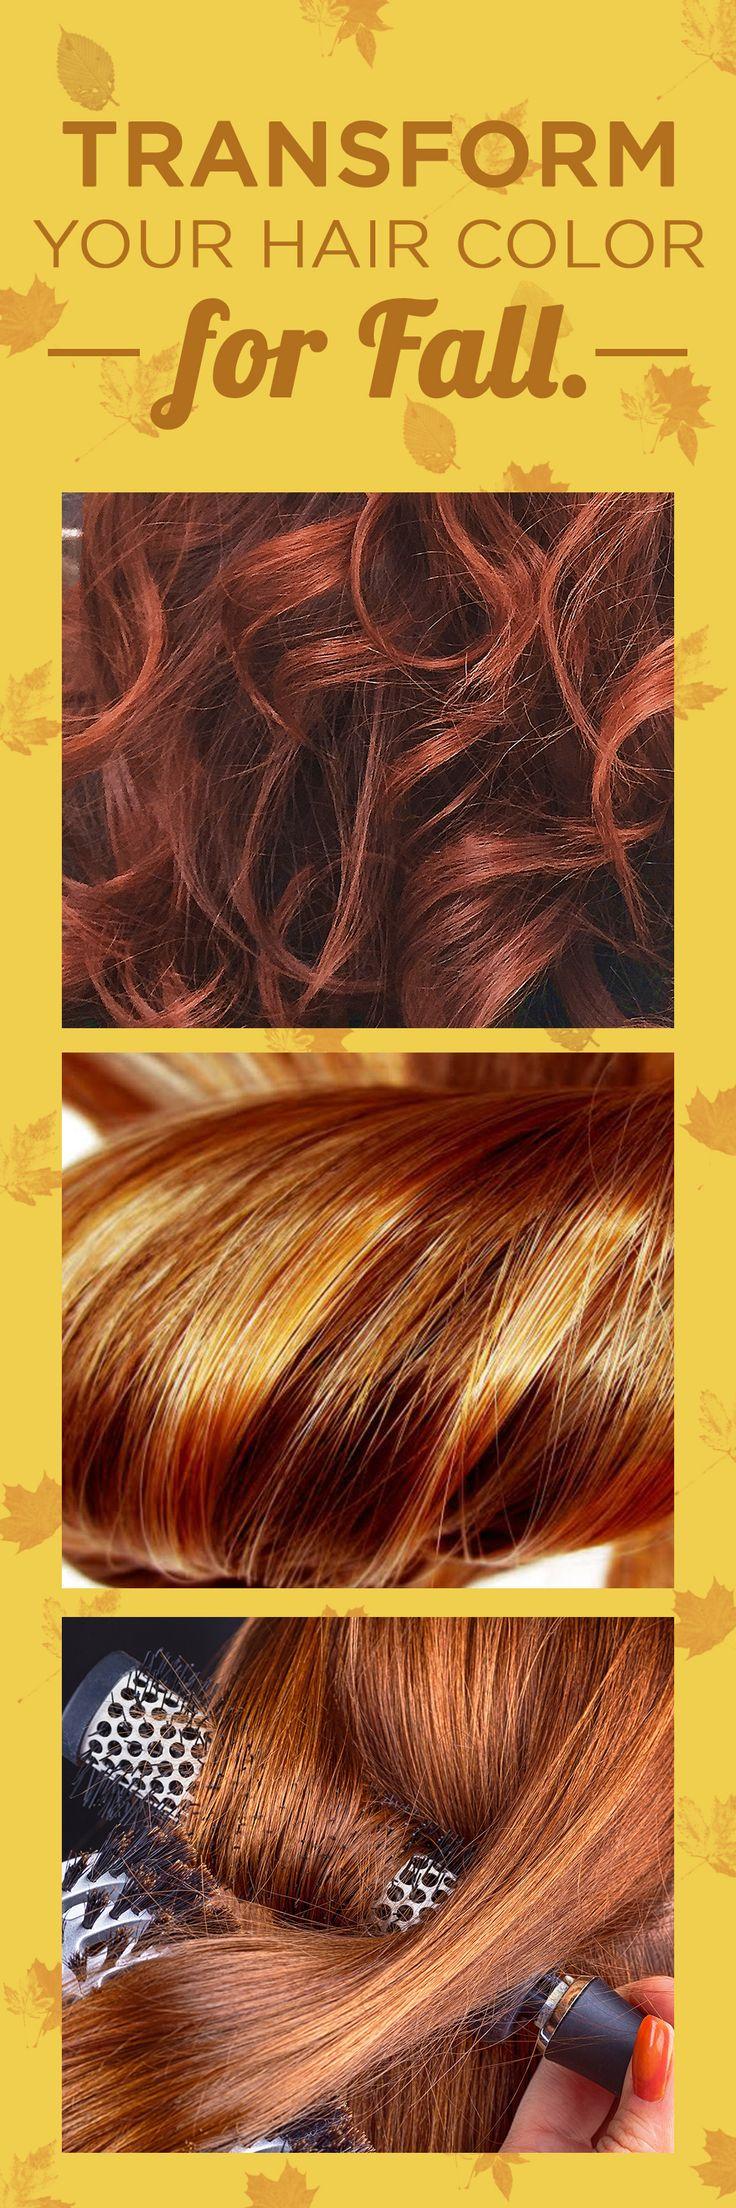 16 Best Pumpkin Spice Color Images On Pinterest Hair Colors